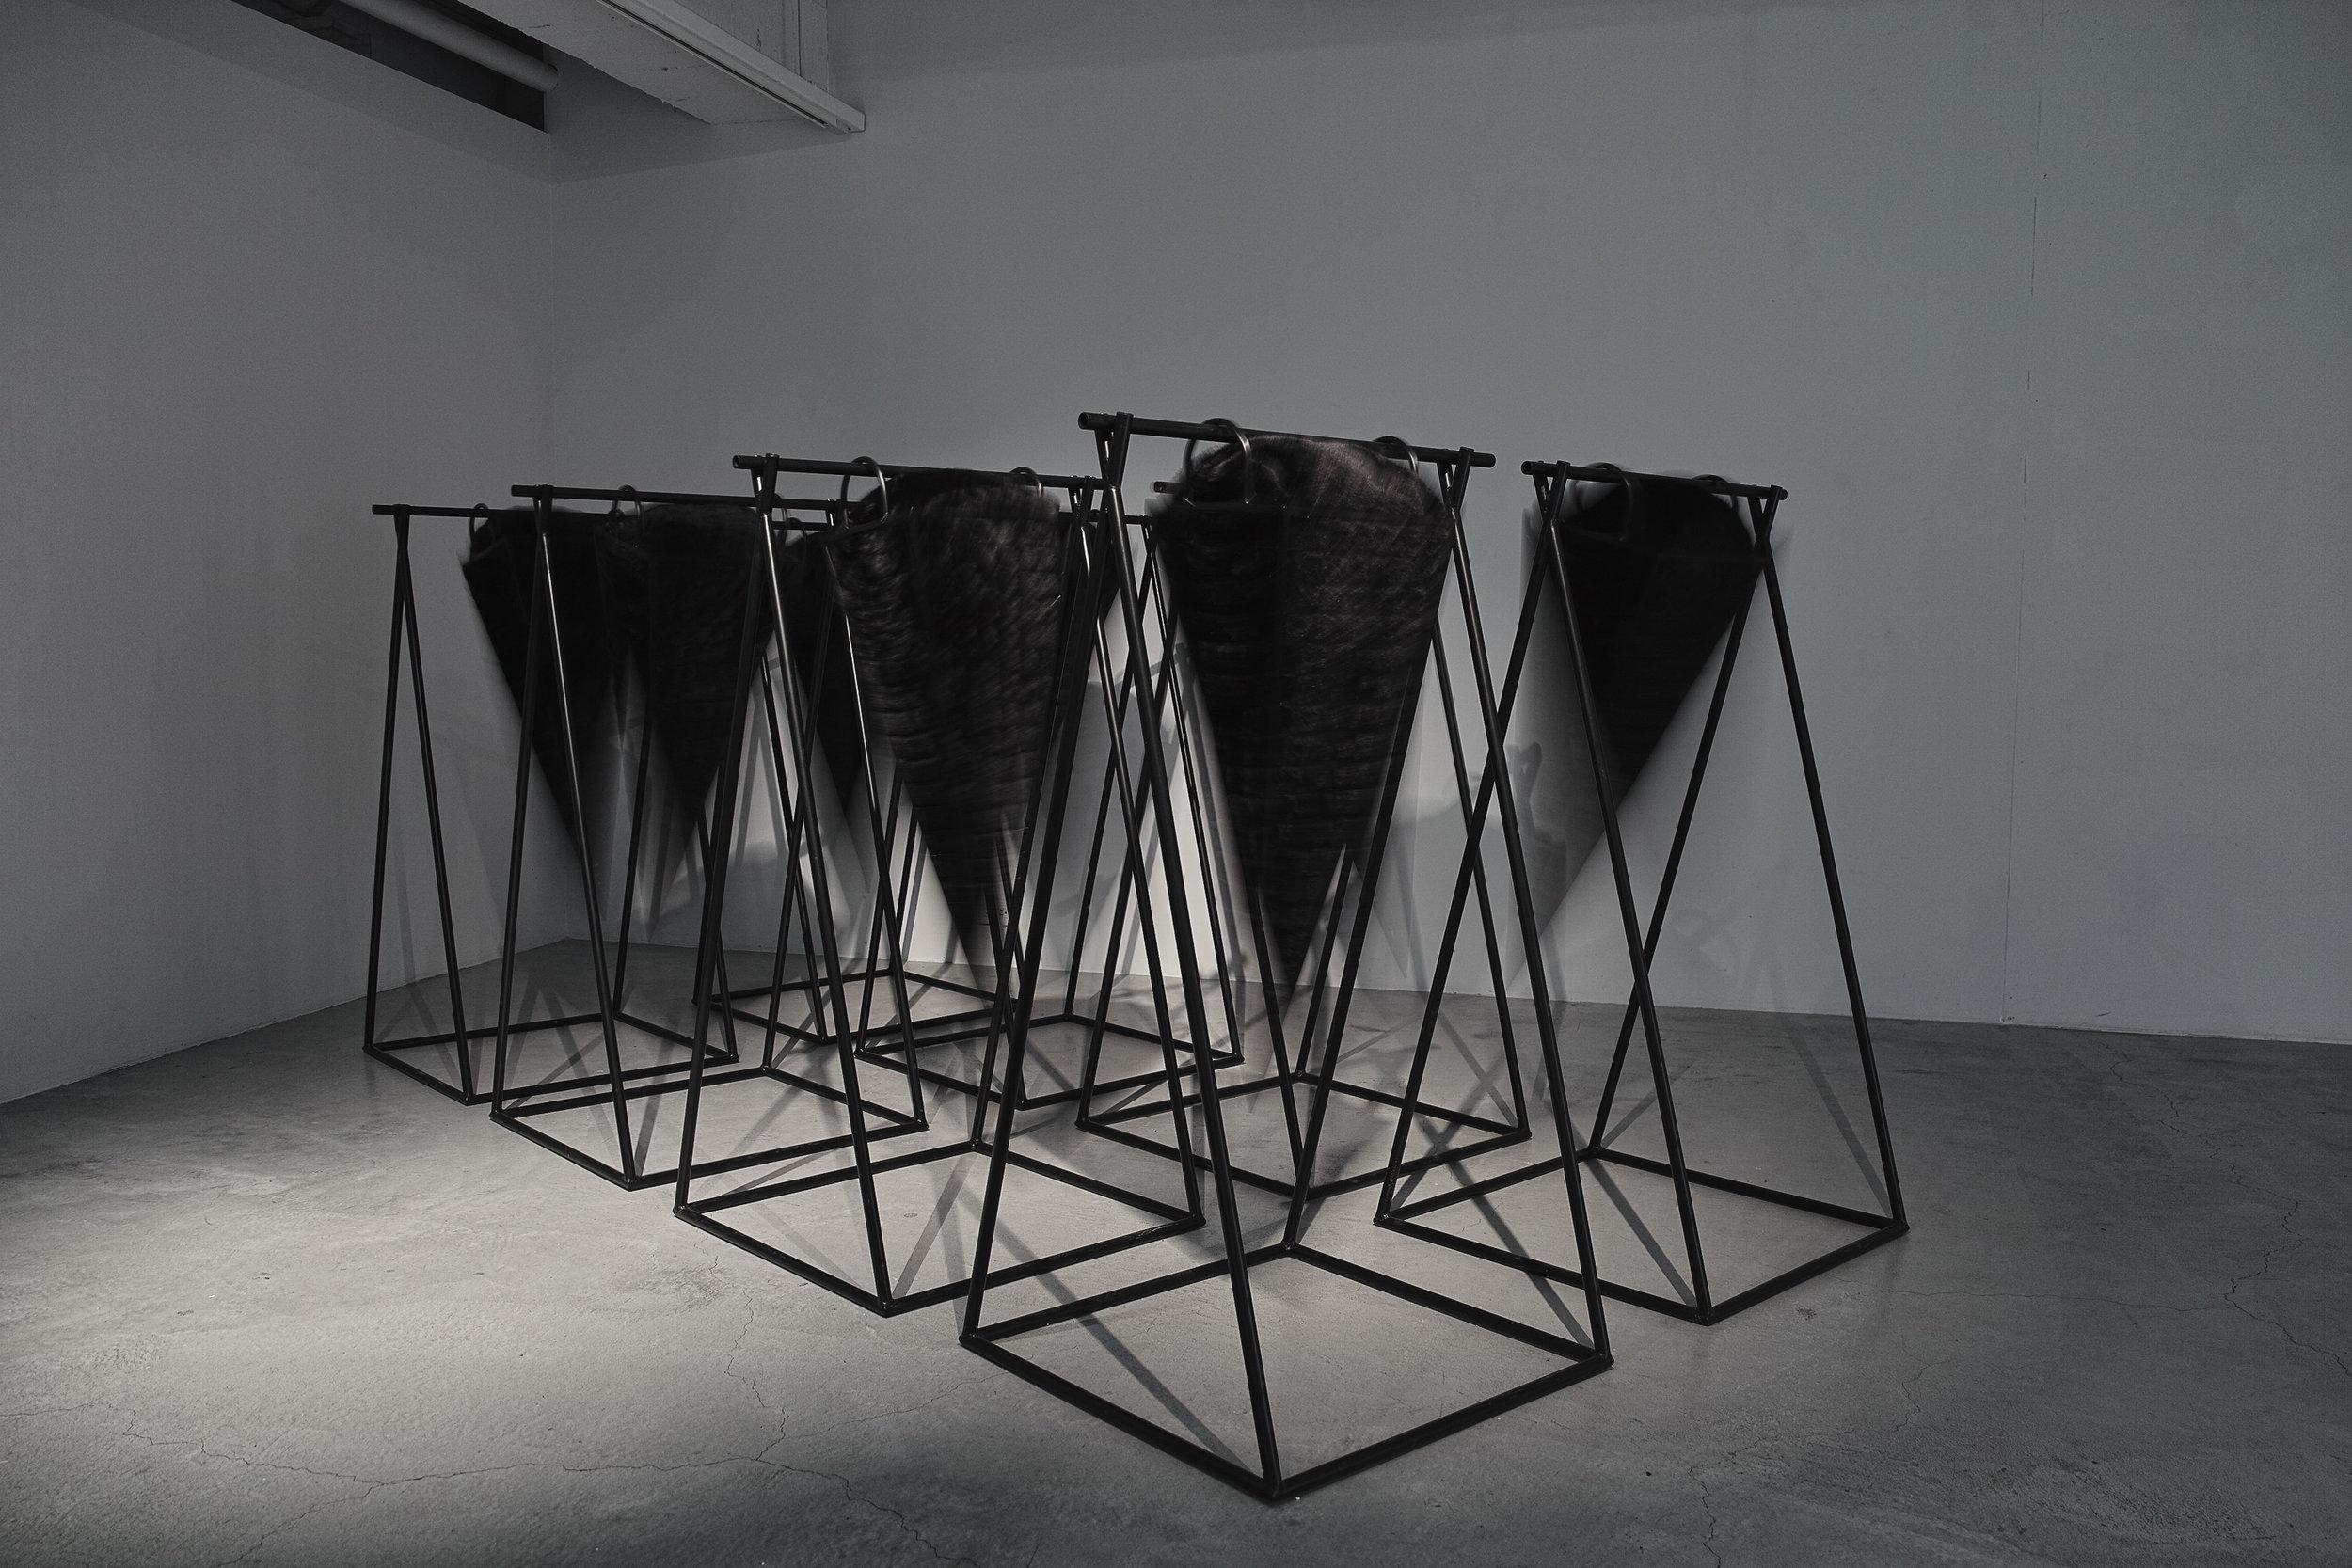 搖擺者 Swinger (2015)